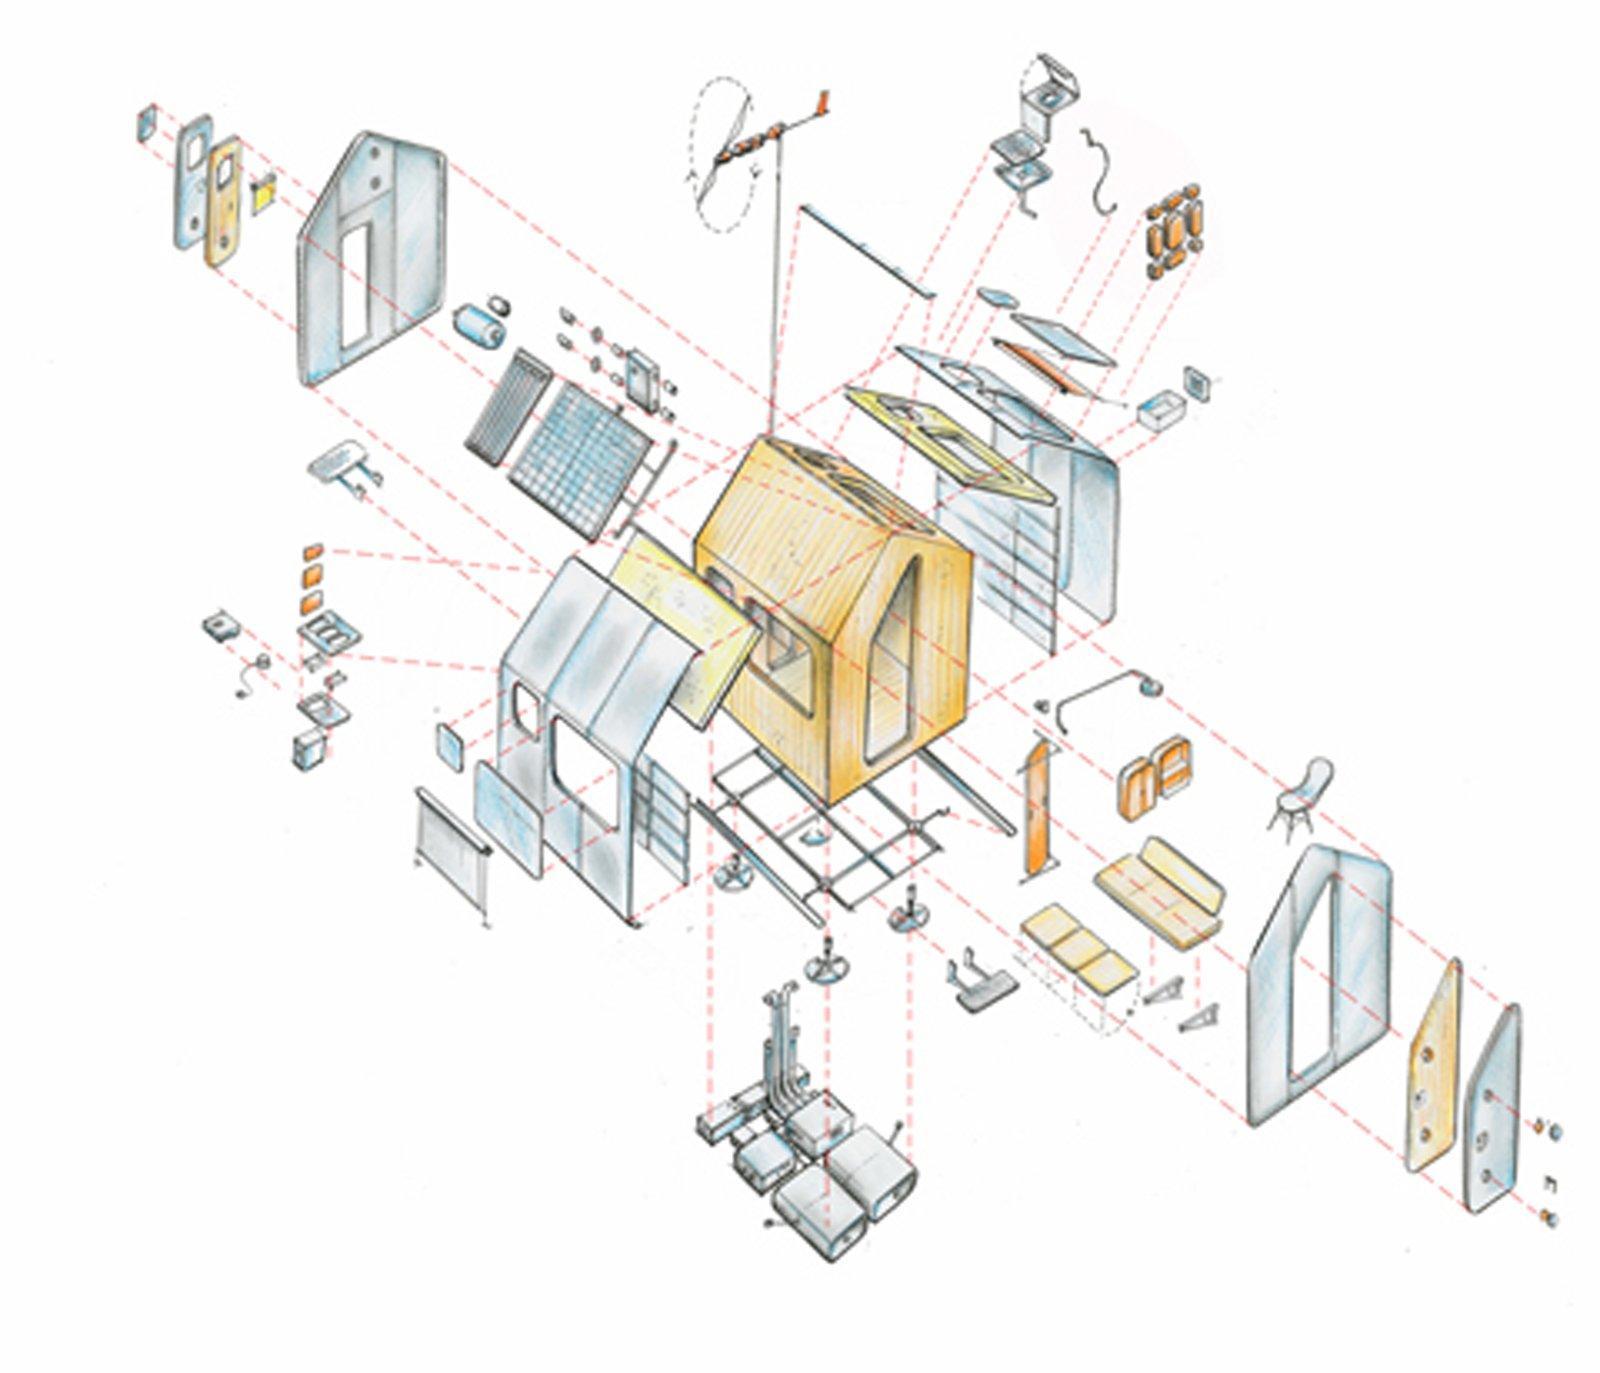 Casa minima il progetto diogene di renzo piano con for Generatore di piano casa